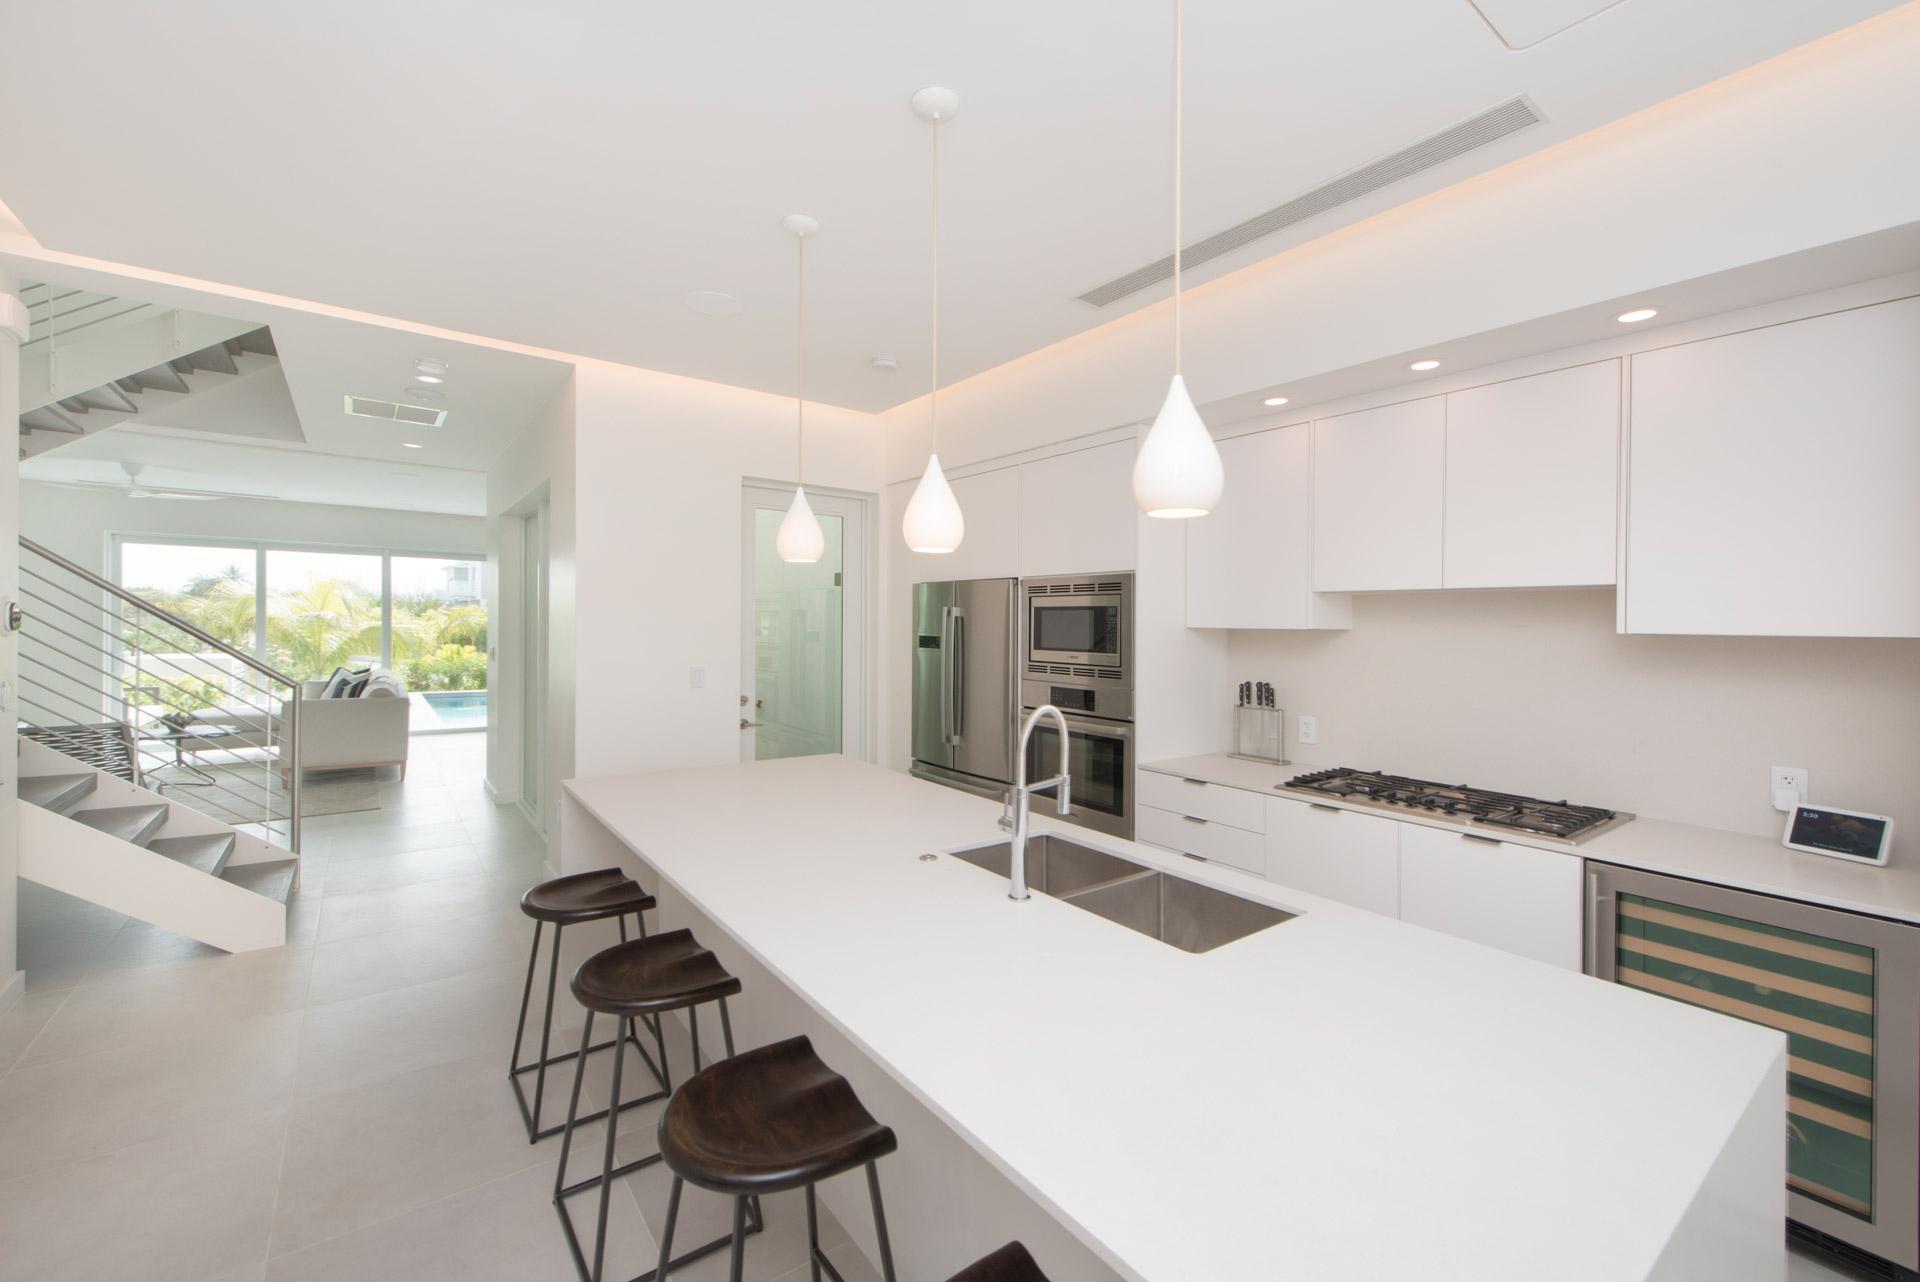 Solara Interior Design Group